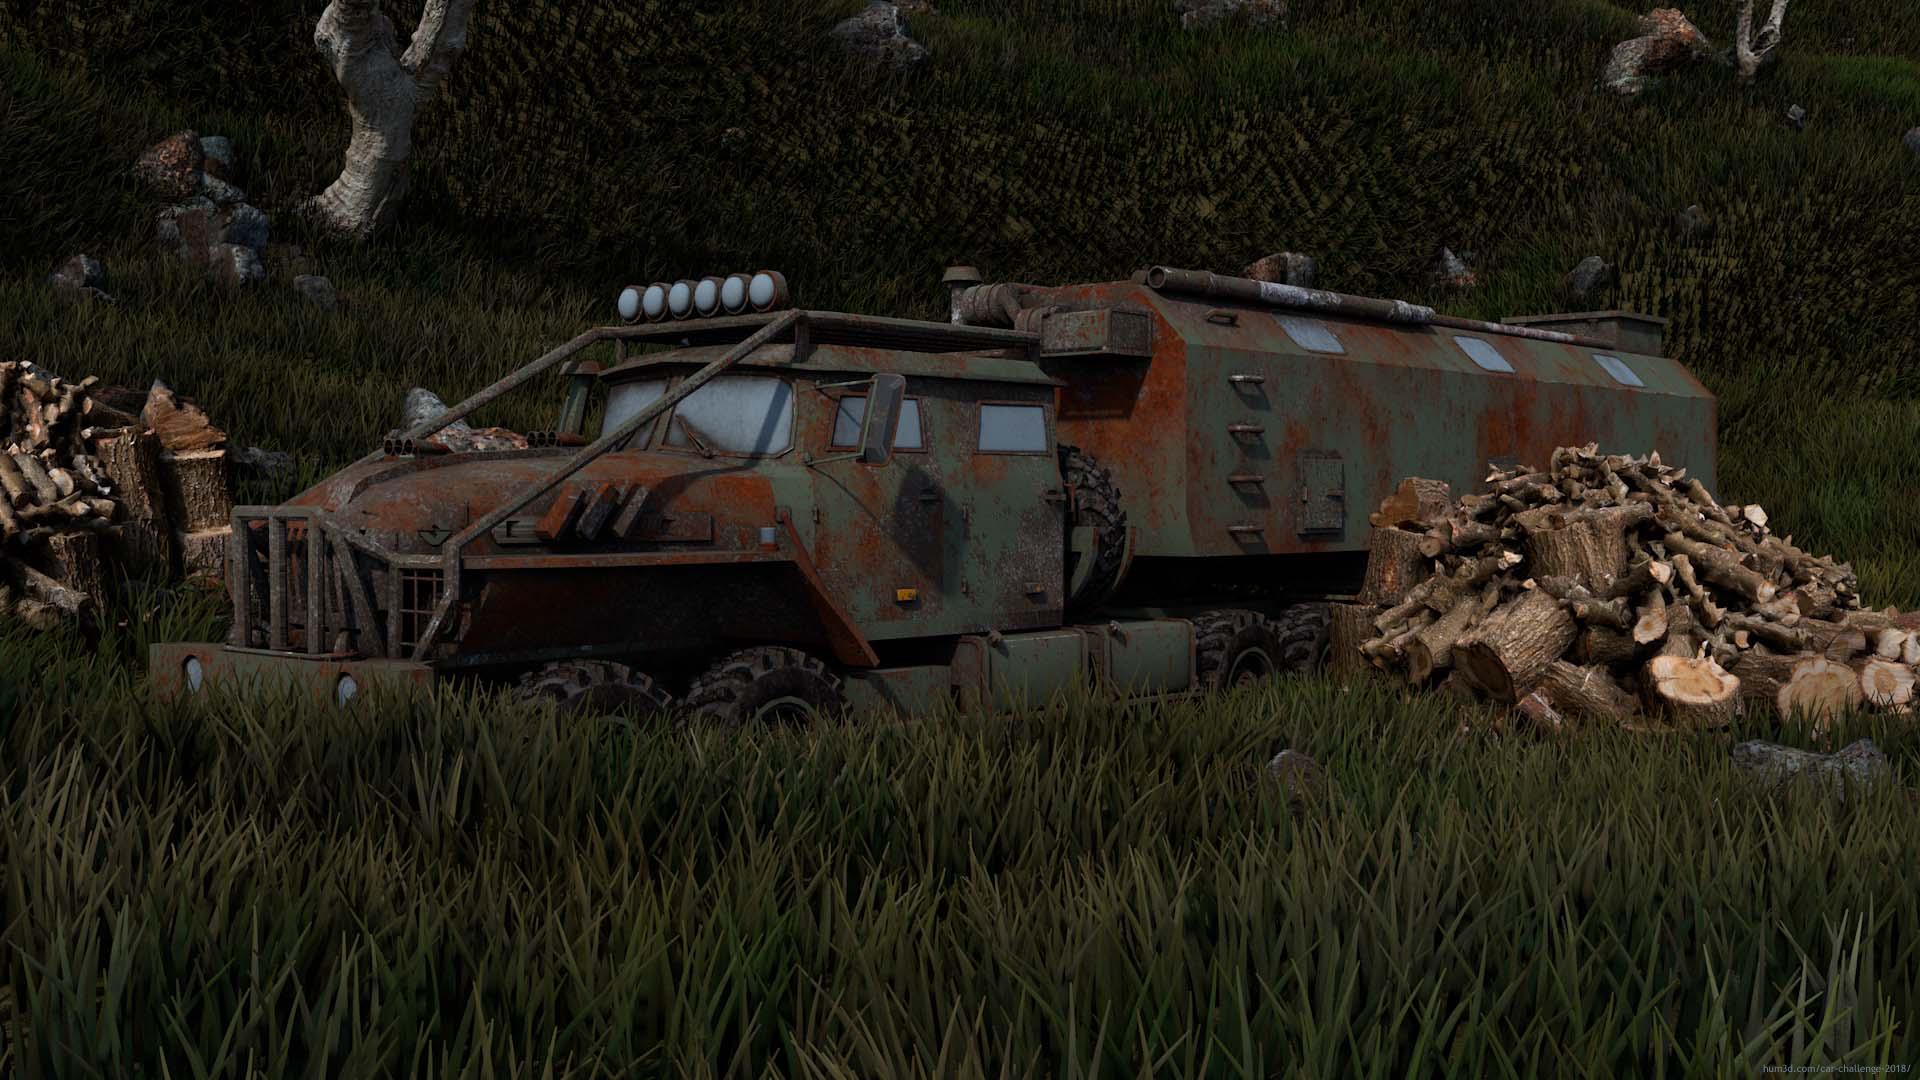 Ural-44202 3d art